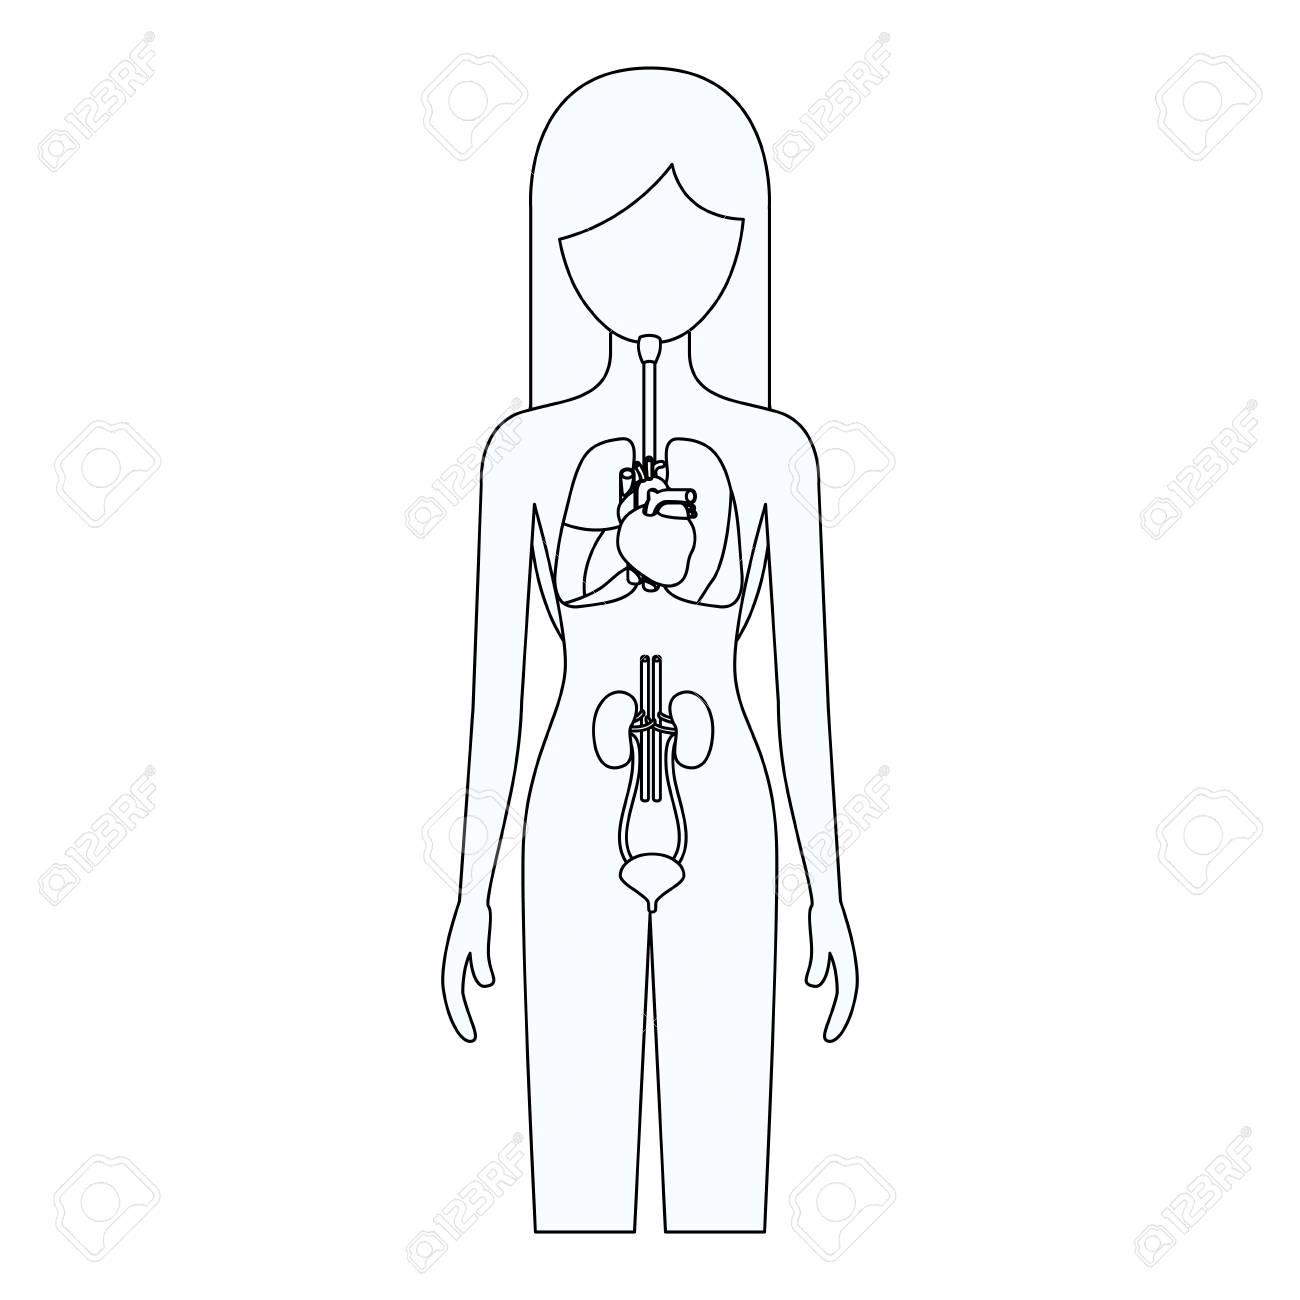 Bosquejo Silueta De Mujer Con Sistema De órganos Internos De La ...